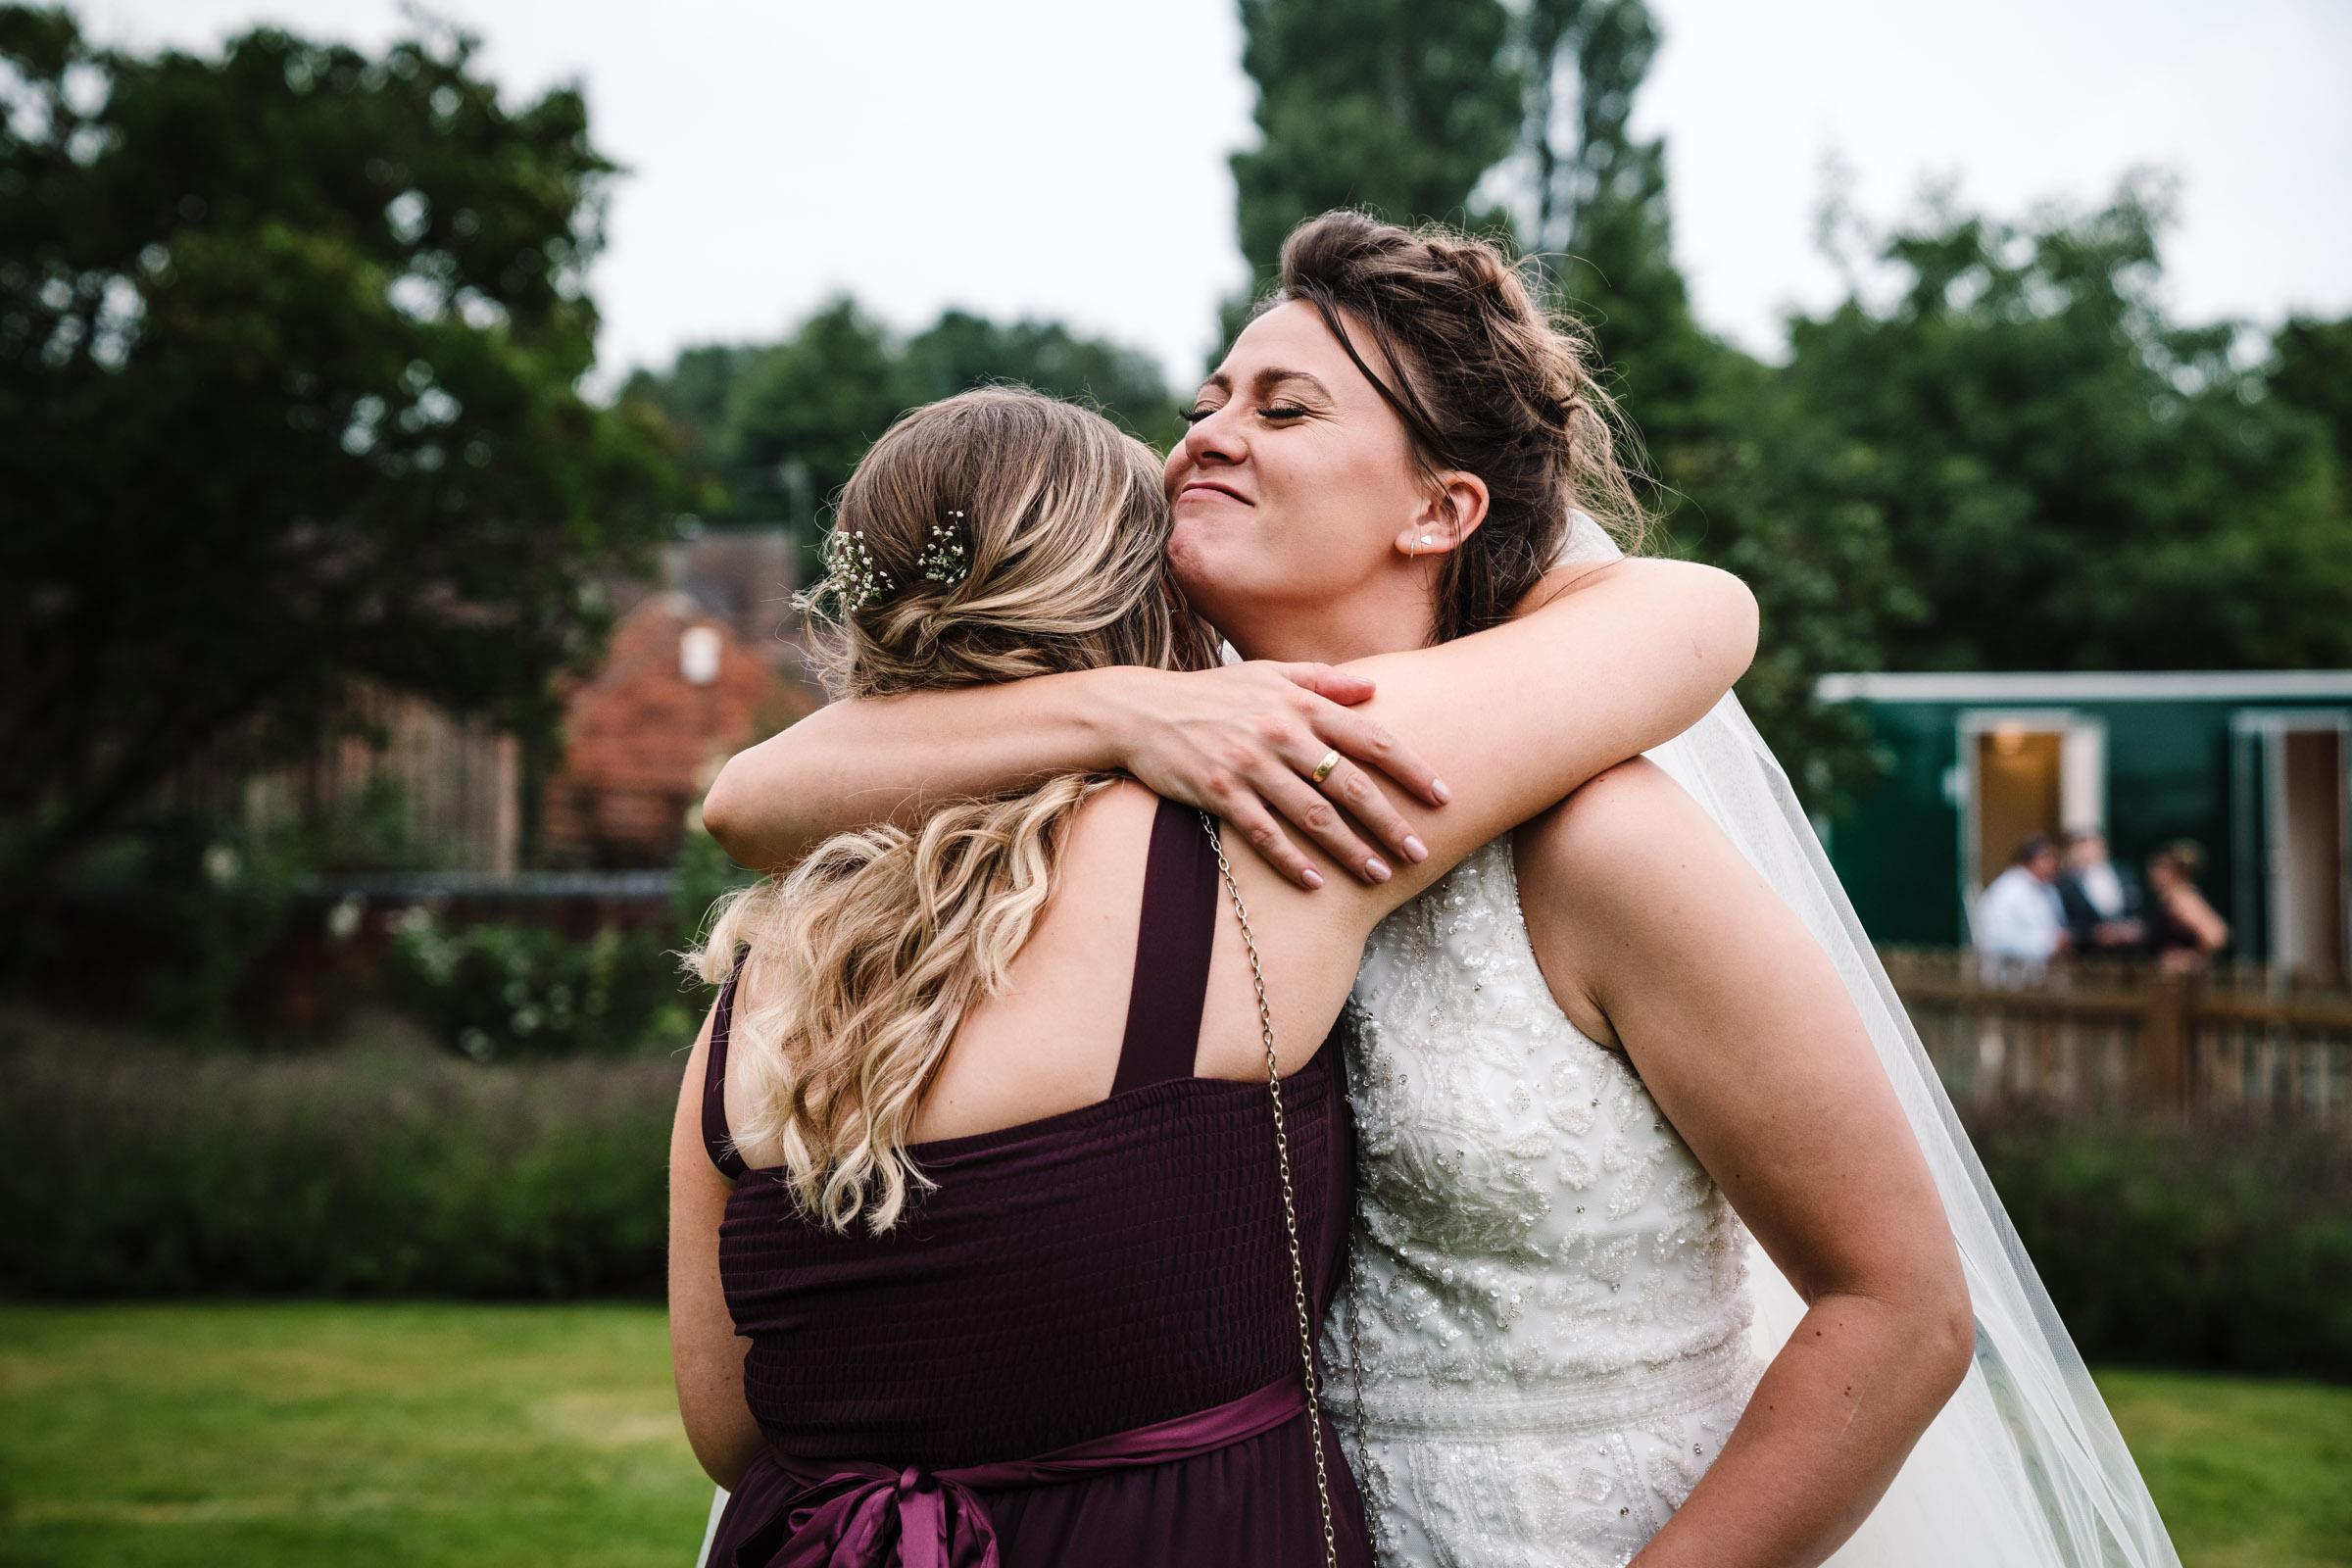 bride hugging bridesmaid at wedding